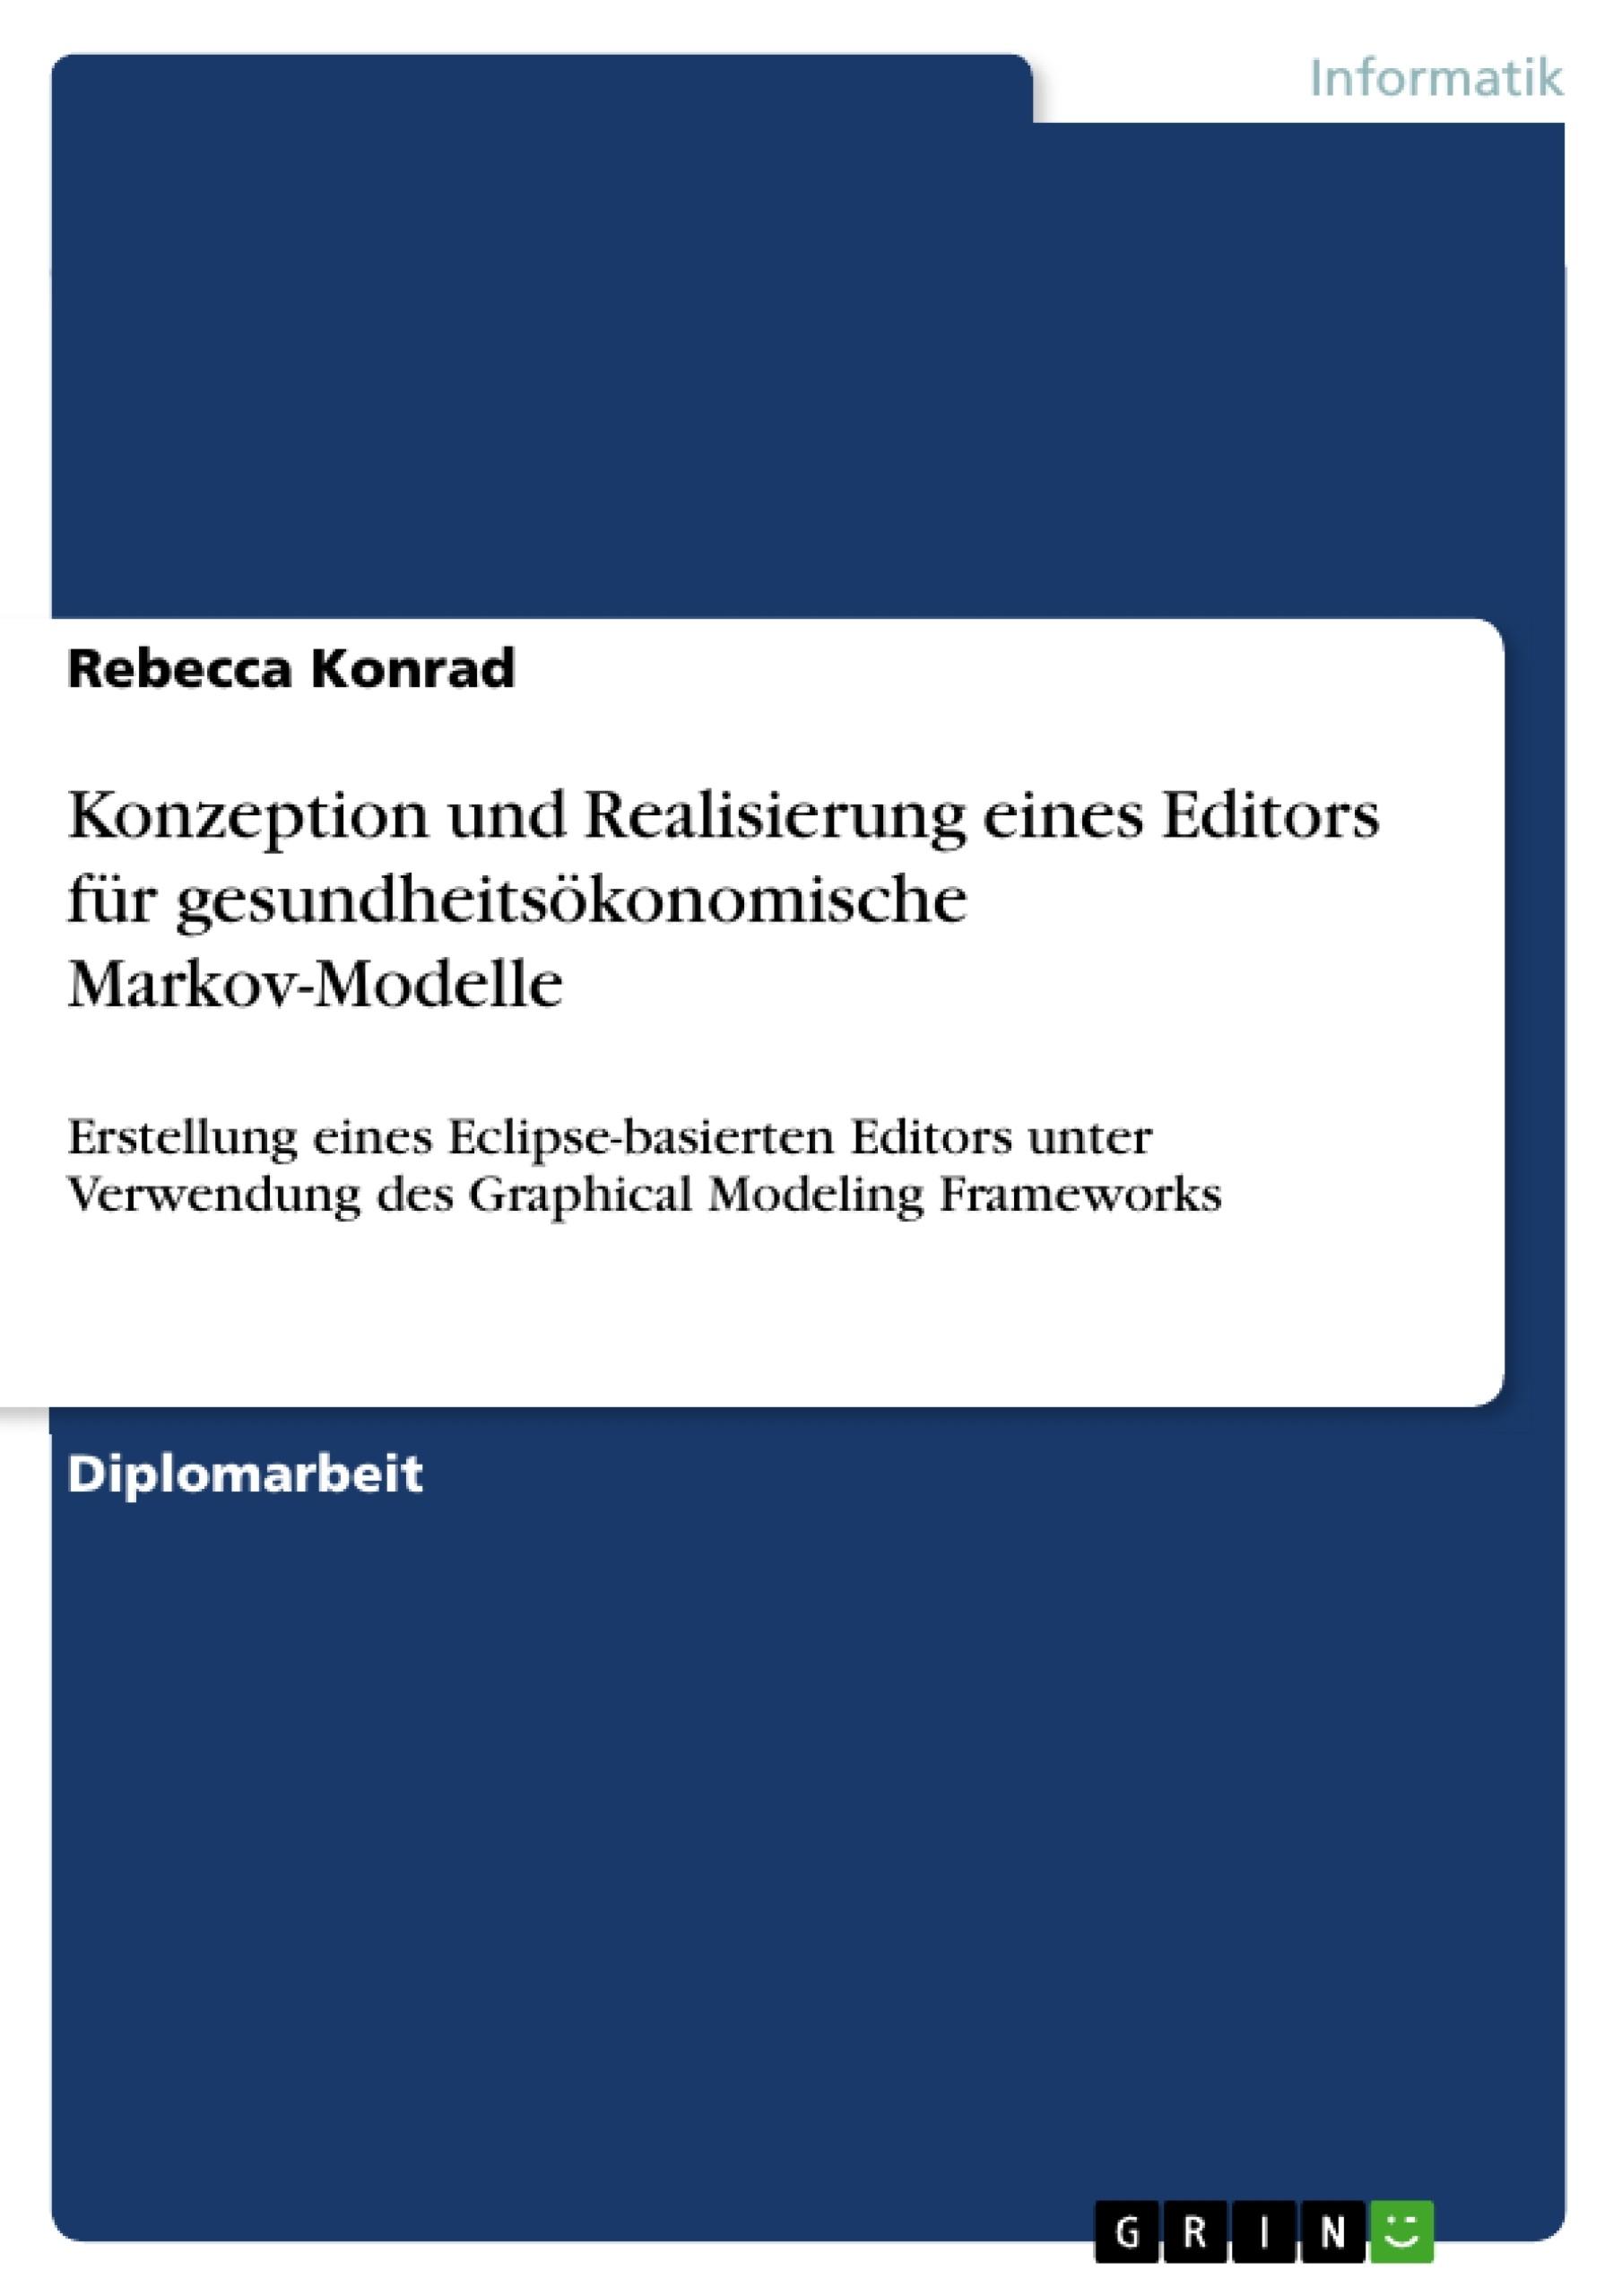 Titel: Konzeption und Realisierung eines Editors für gesundheitsökonomische Markov-Modelle